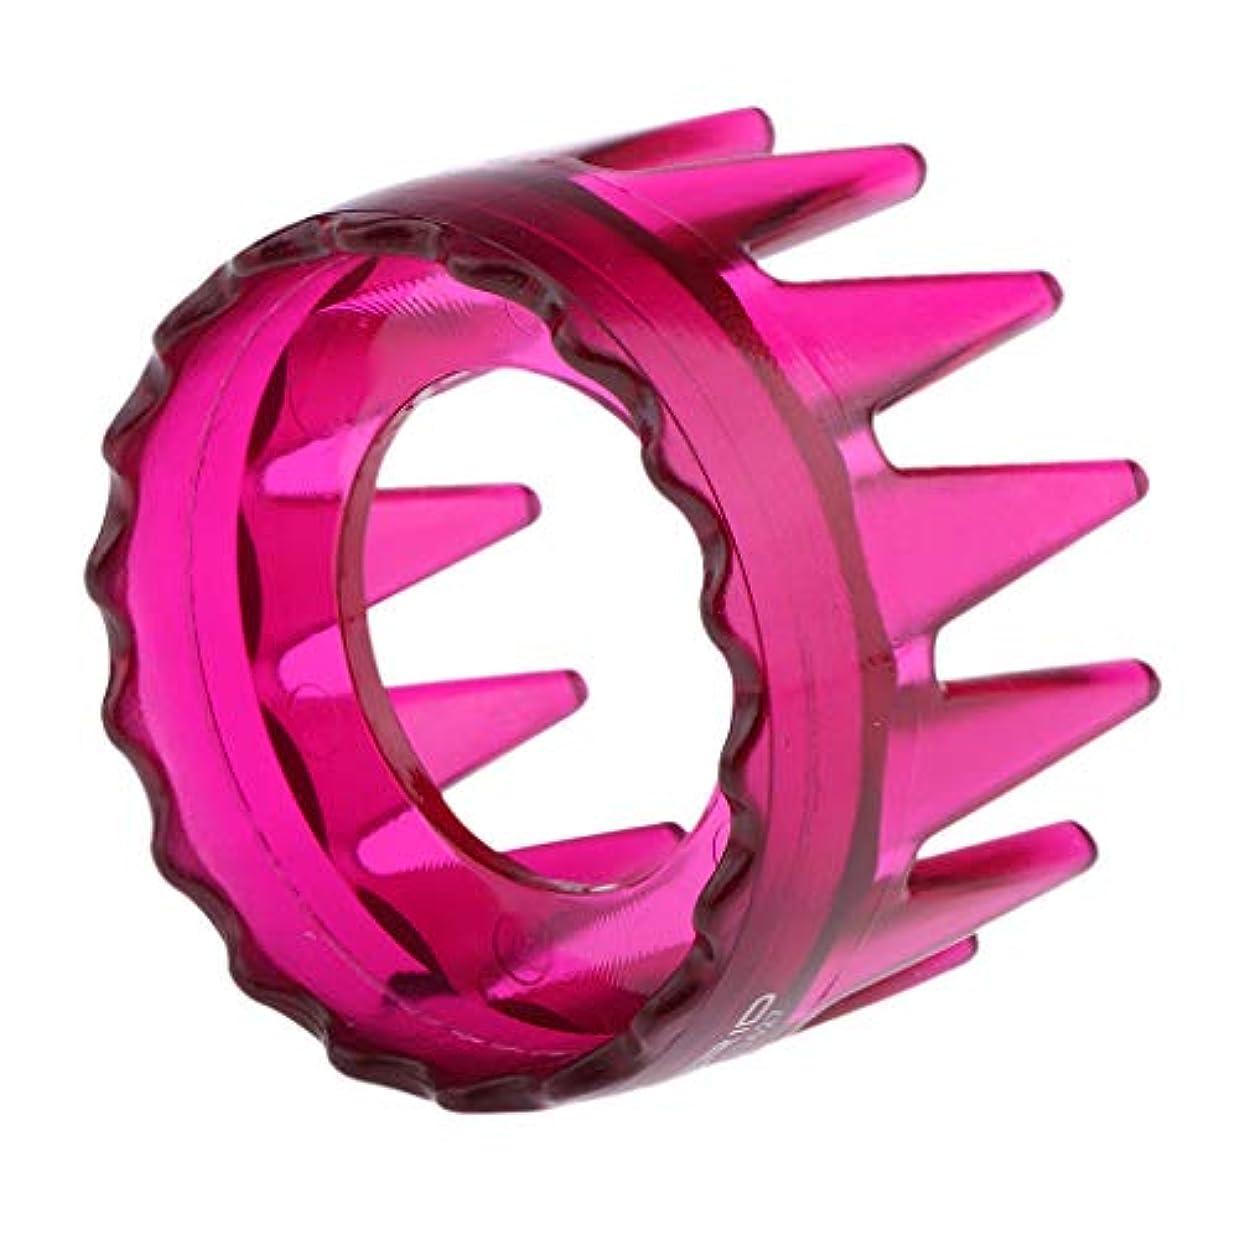 ホールドオールバタフライ好ましいプラスチック製 シャンプーブラシ 洗髪櫛 マッサージャー ヘアコーム ヘアブラシ 直径約6cm 全4色 - ローズレッド